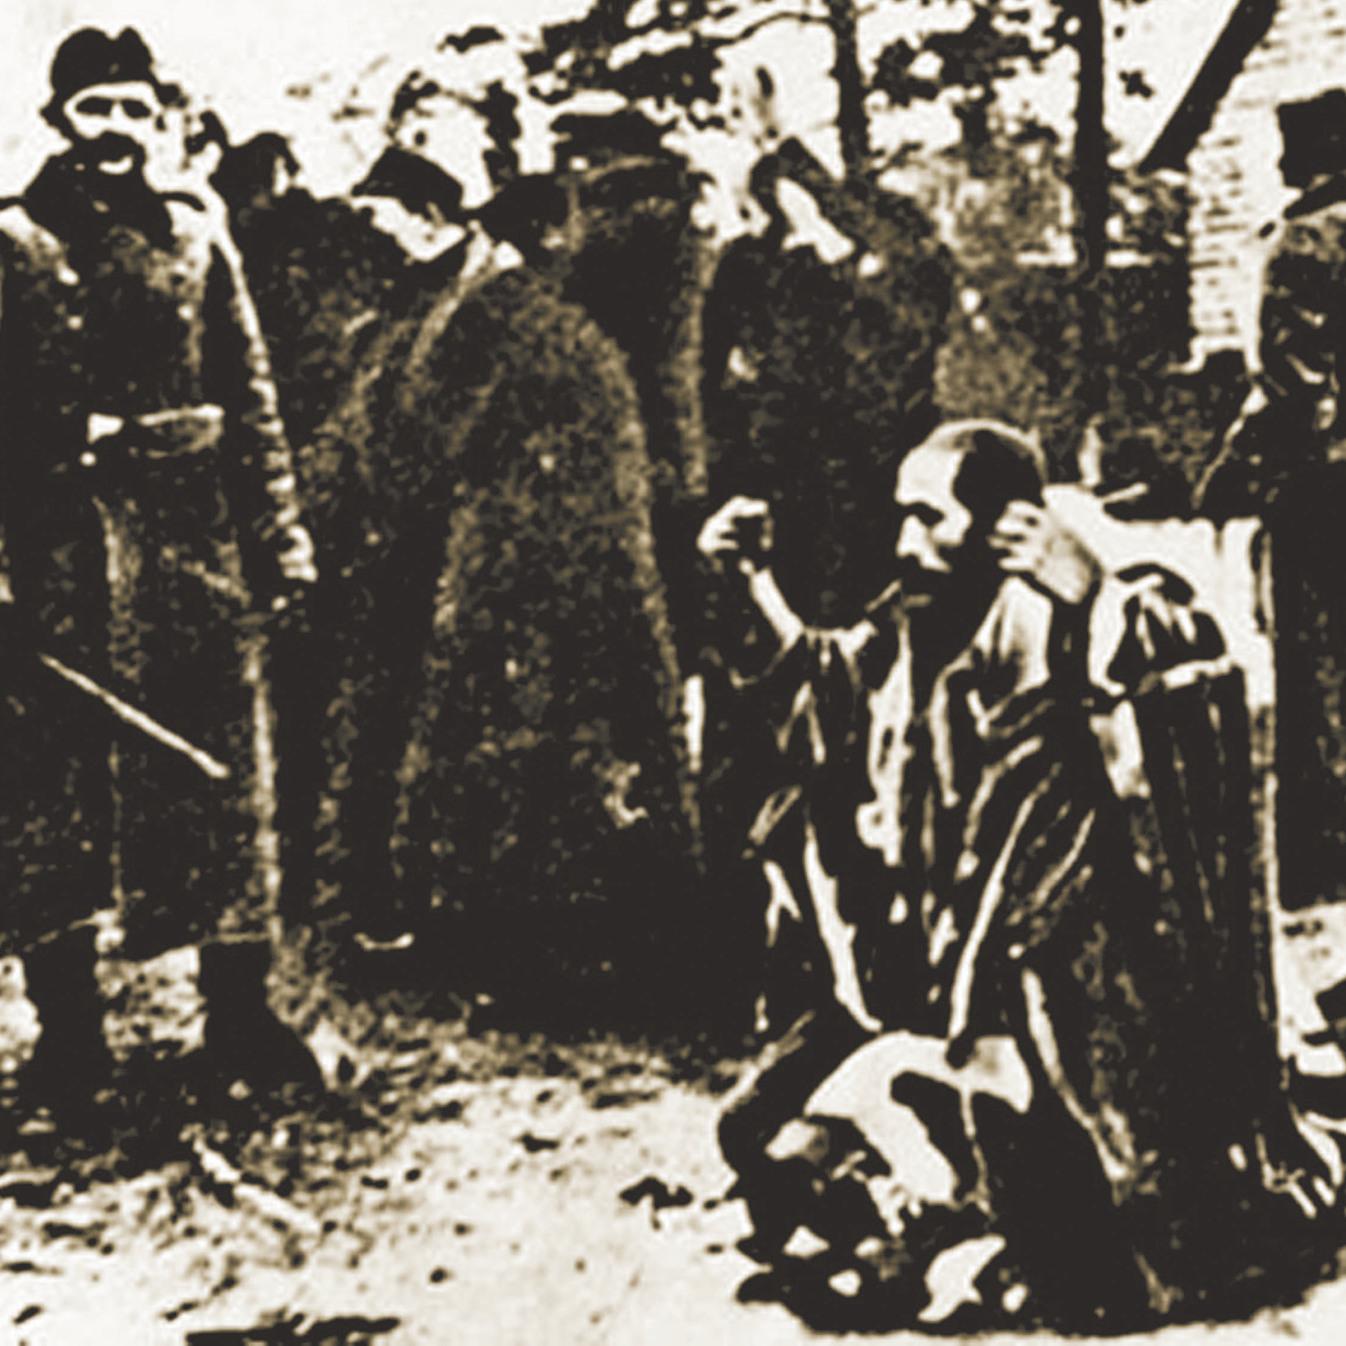 """סבו של דגן, דב ז""""ל, עטוף בטלית, מושפל על ידי החיילים הגרמנים. """"אני כאן כדי שזה לא יקרה שוב"""""""